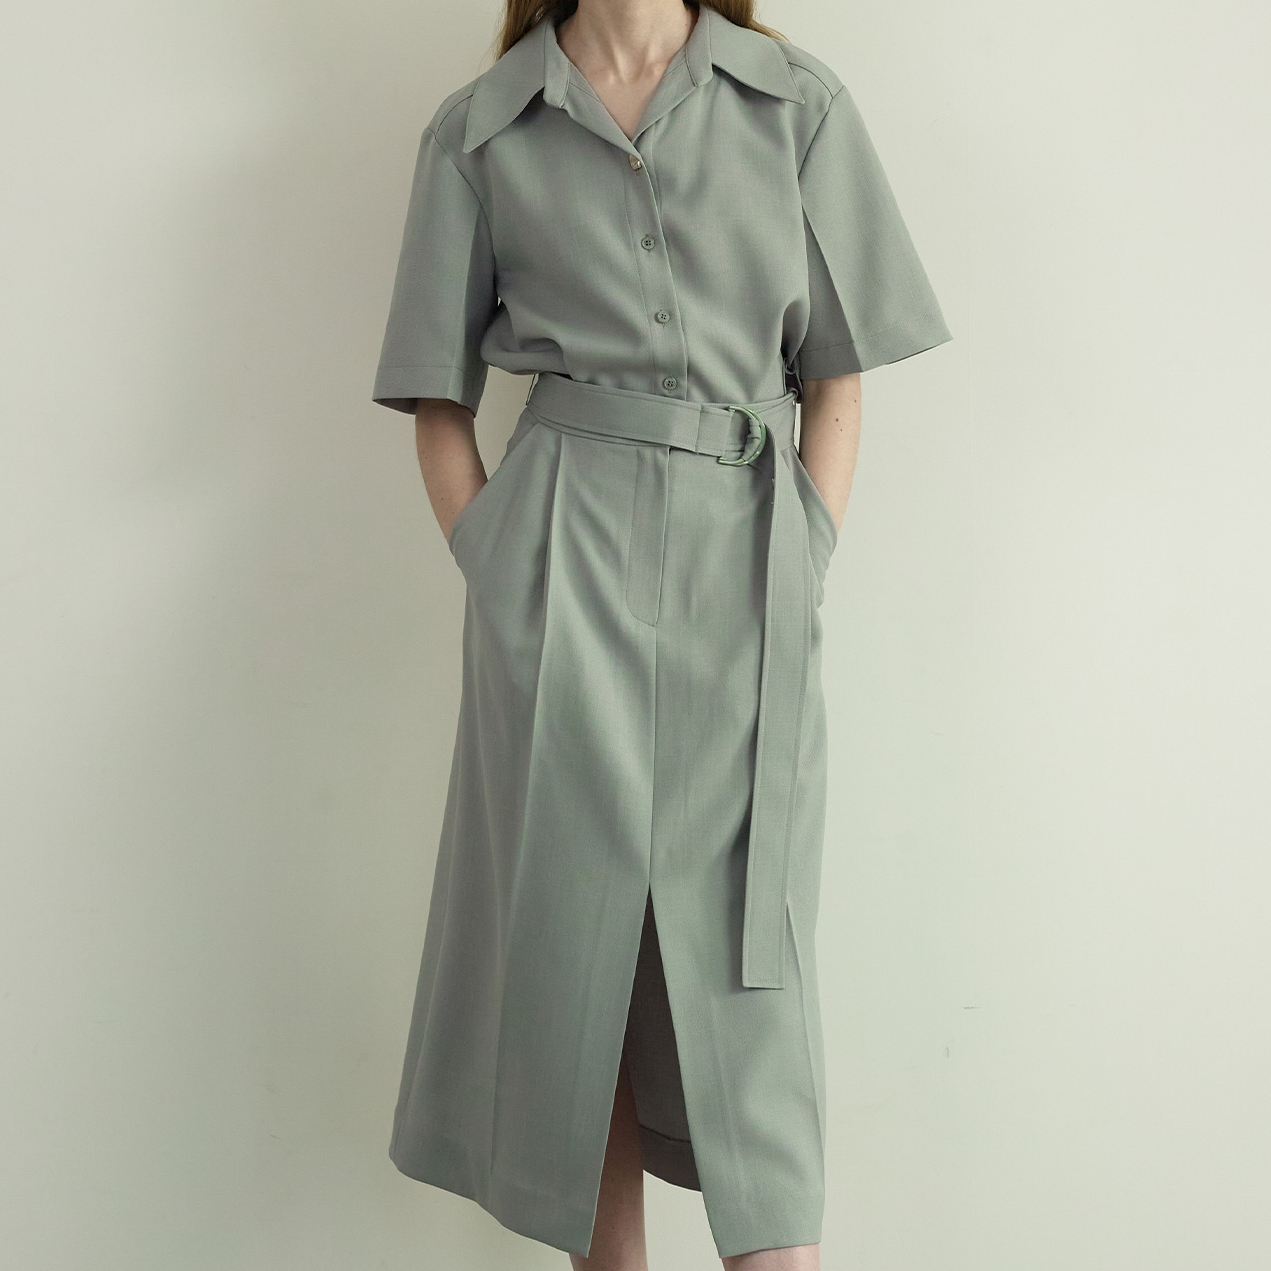 라인스튜디오원 belted shirts slit dress